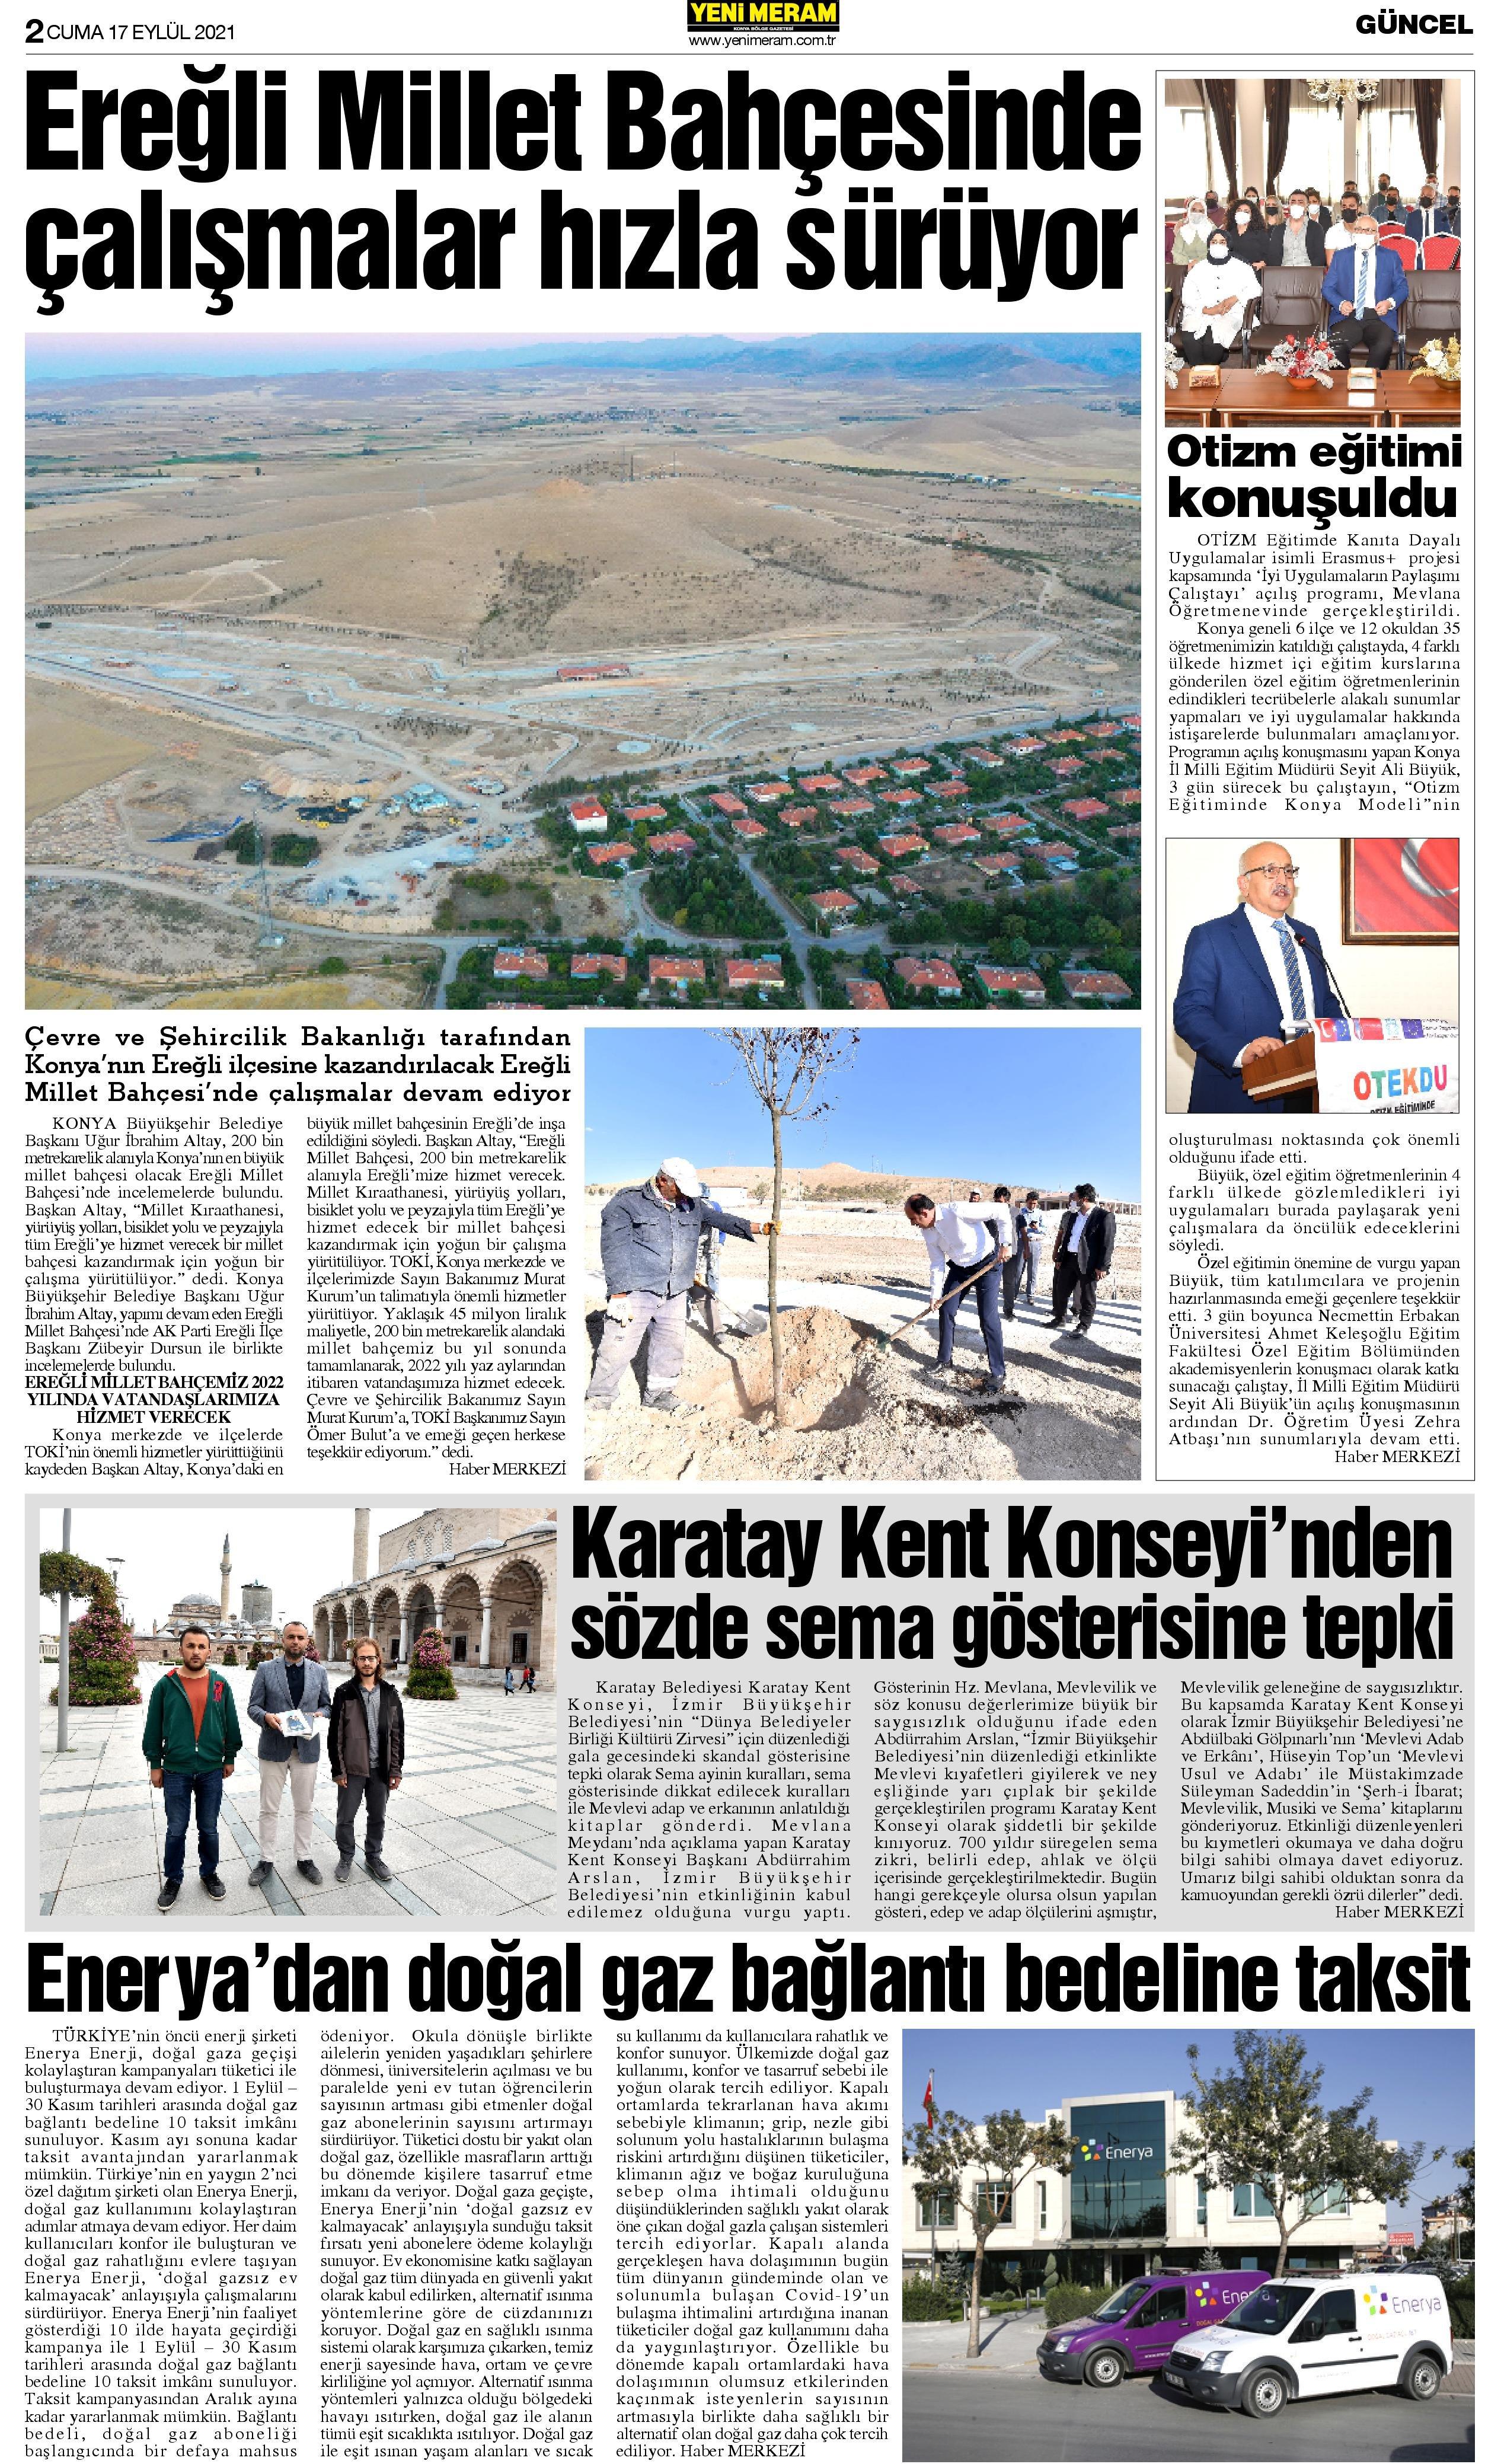 17 Eylül 2021 Yeni Meram Gazetesi